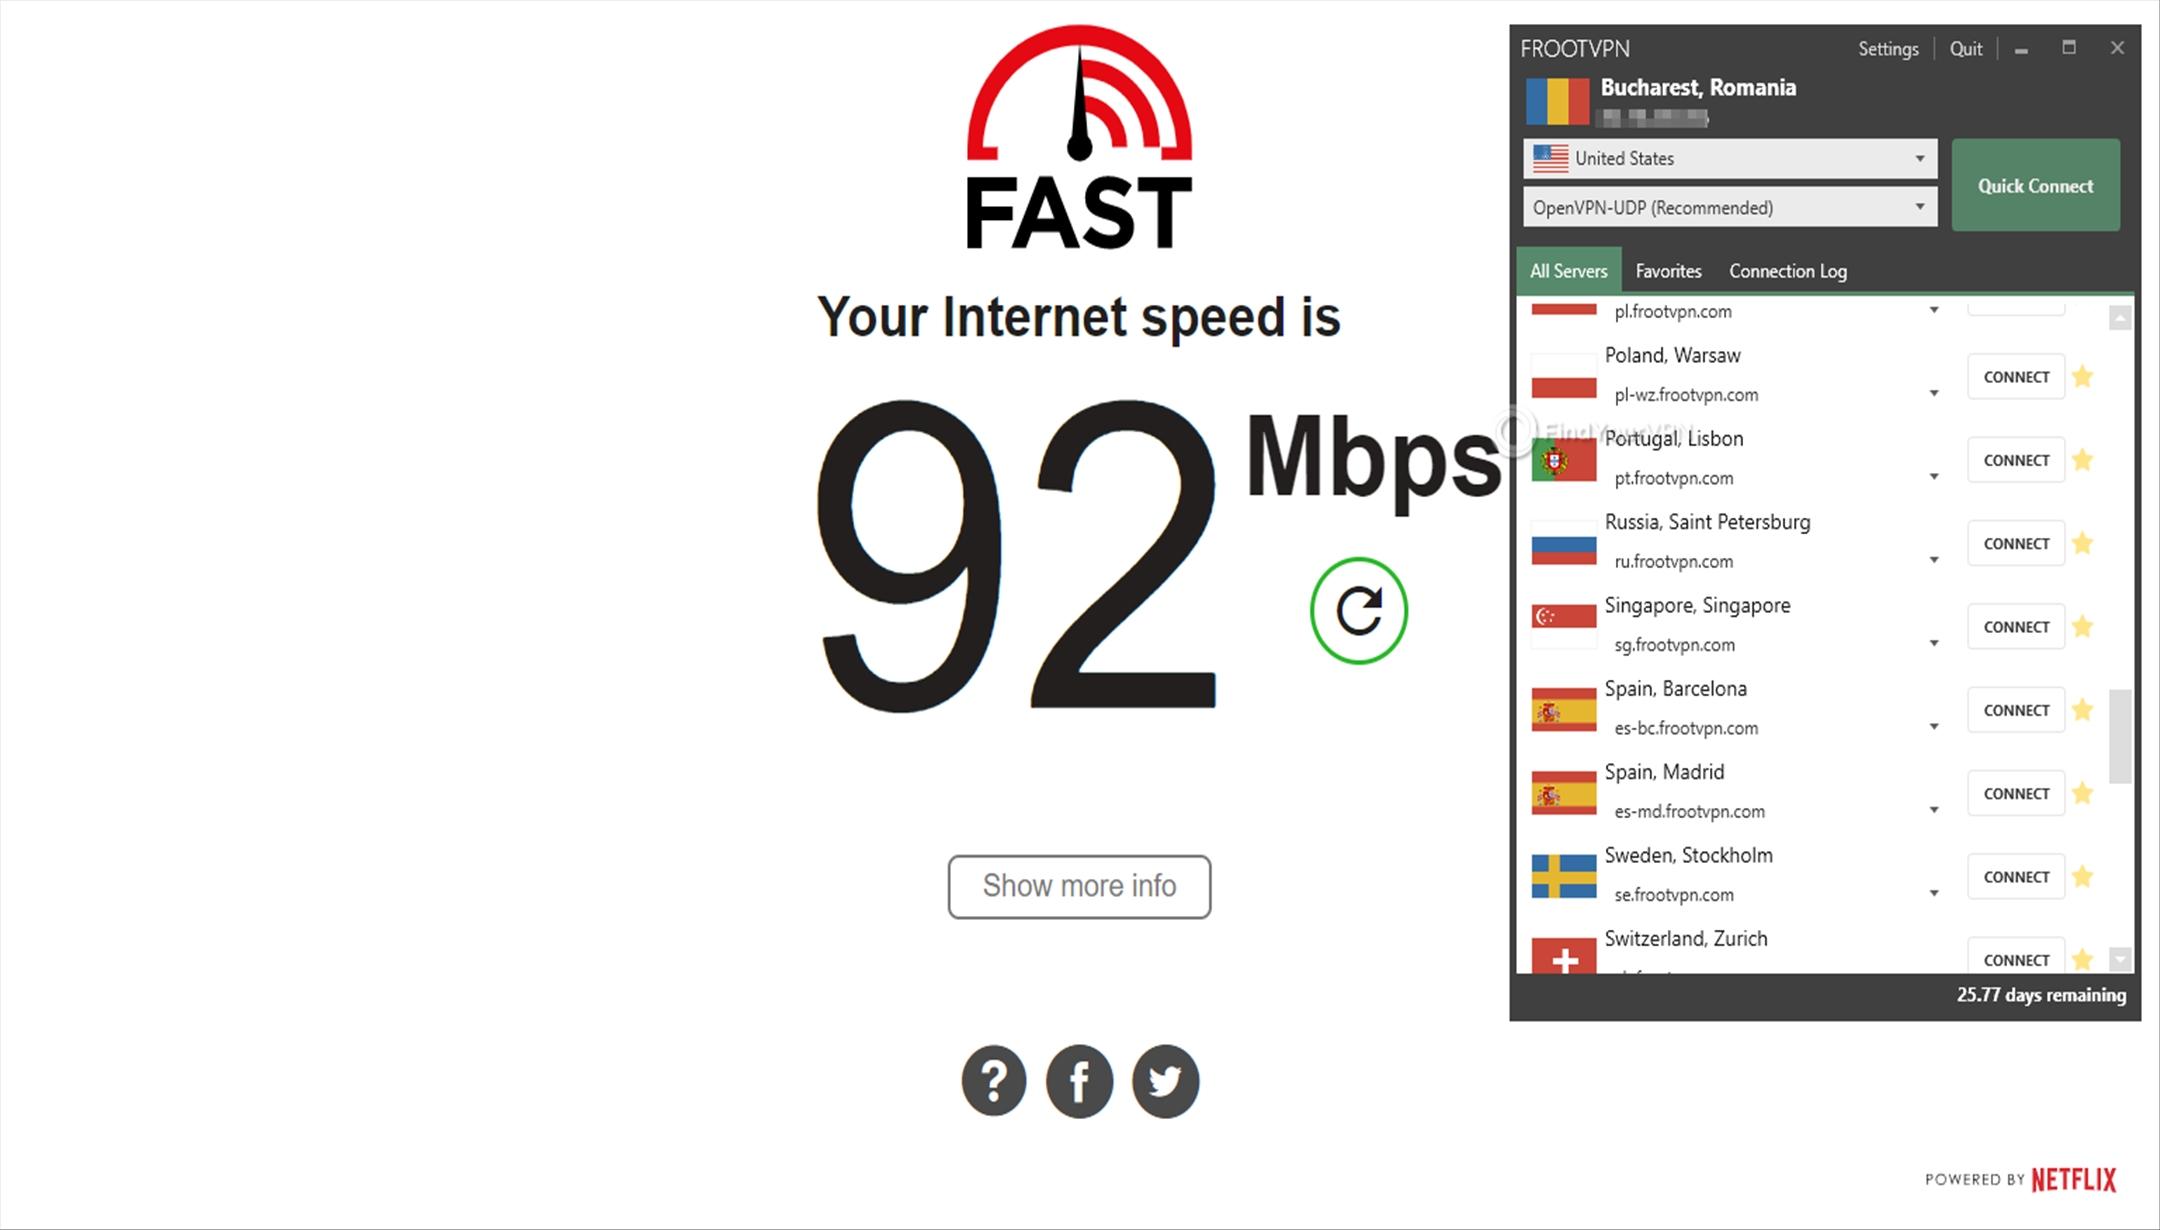 FrootVPN Speed Test No VPN 92 Mbps